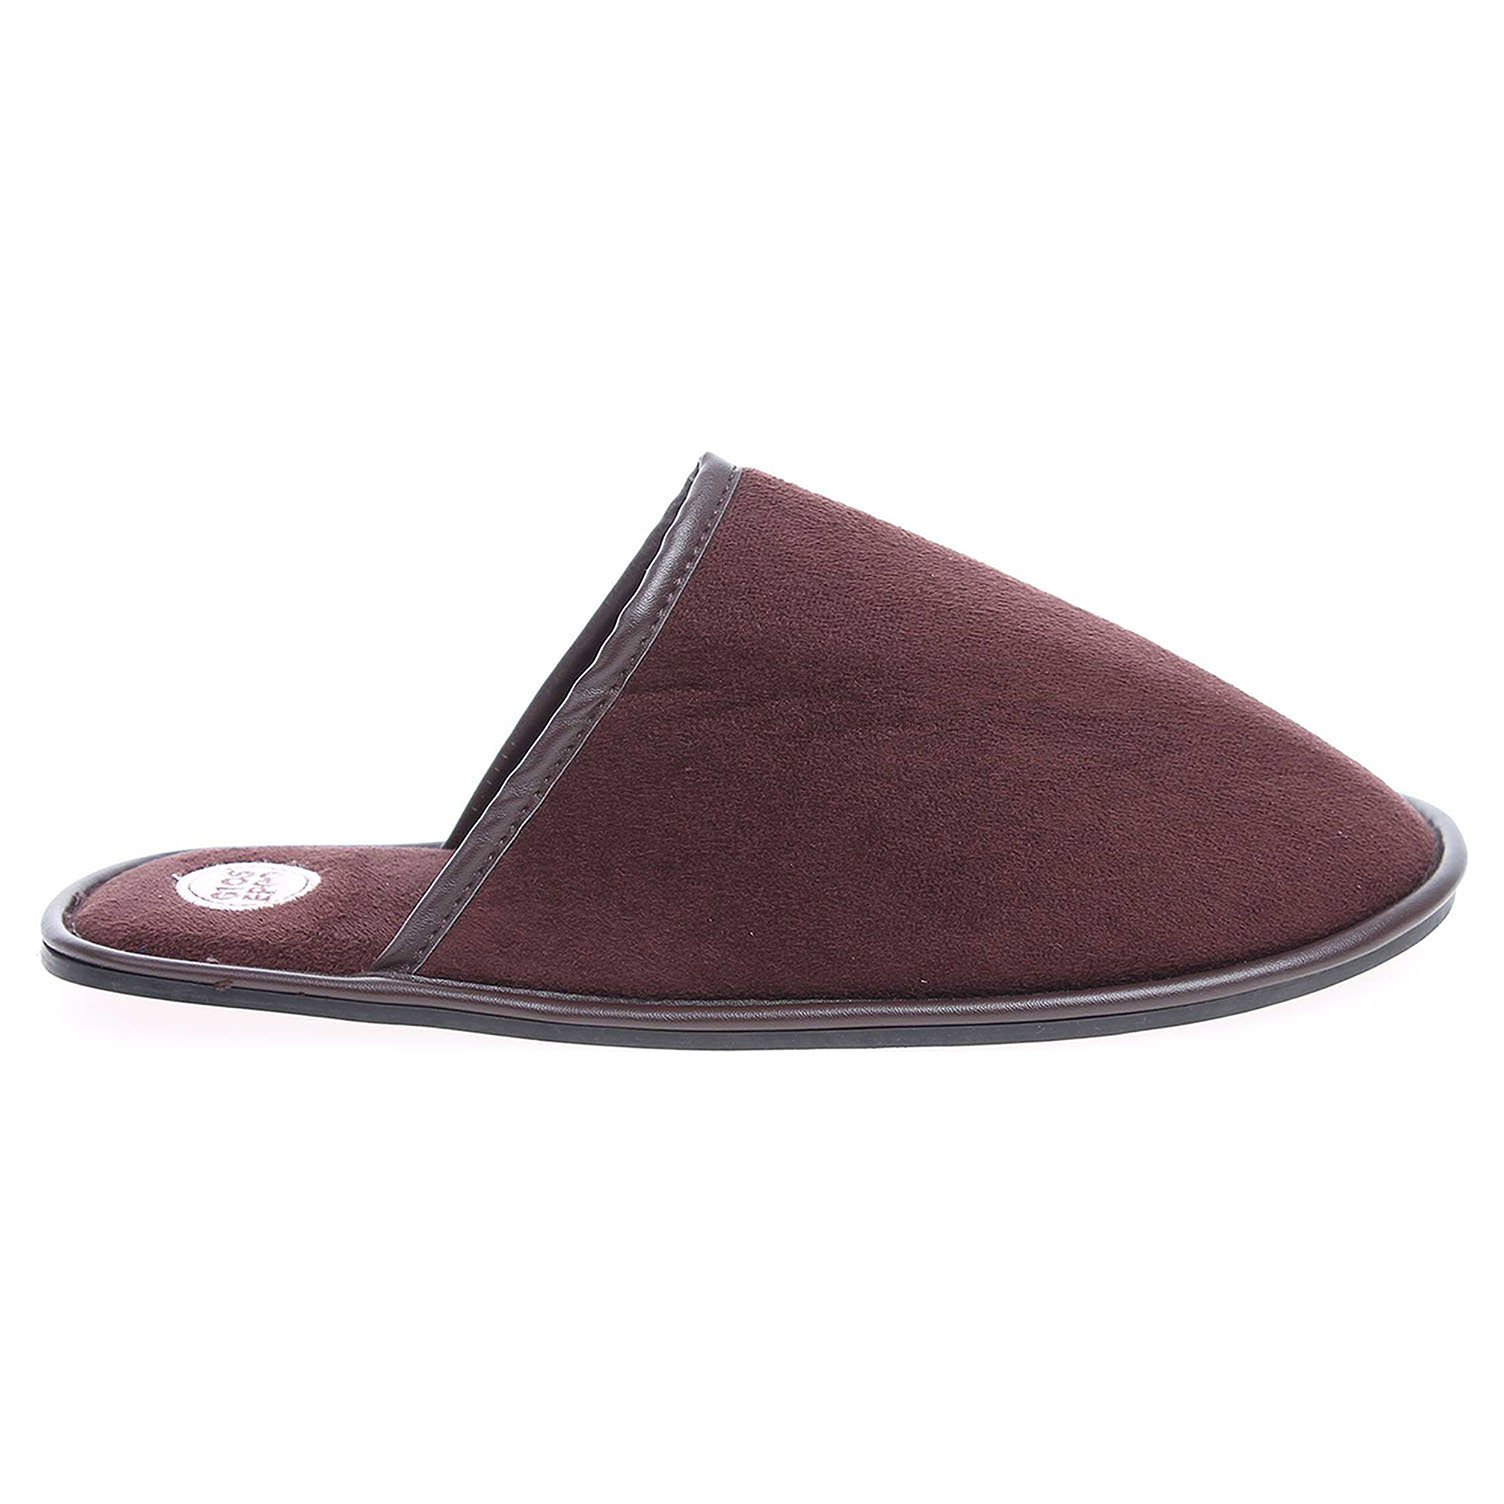 Gioseppo Honor pánské domácí pantofle 41